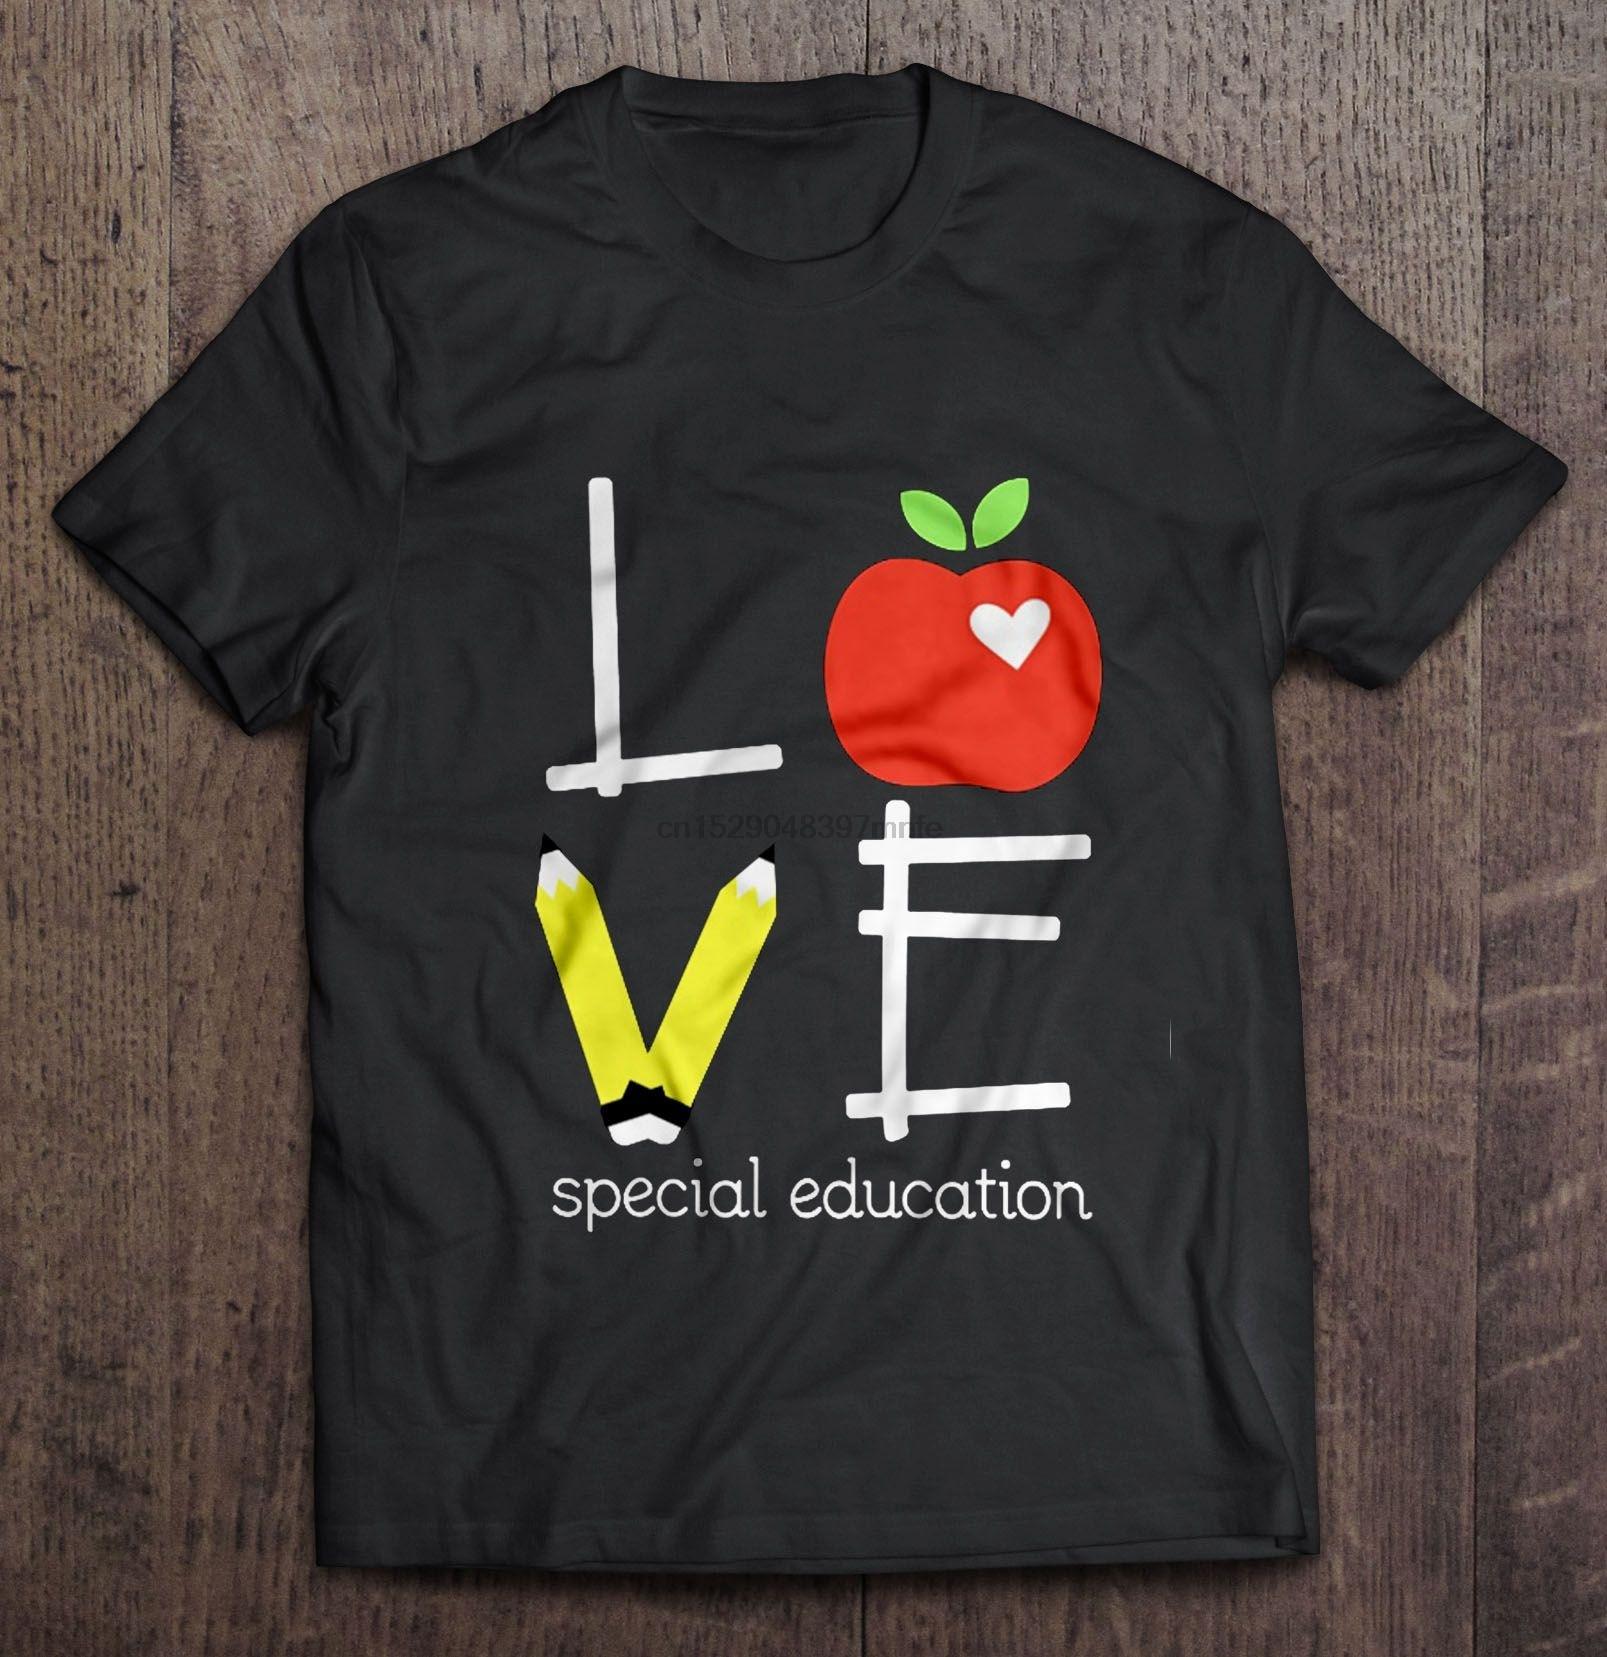 Camiseta para hombre amor educación especial-Teacher camiseta para mujer